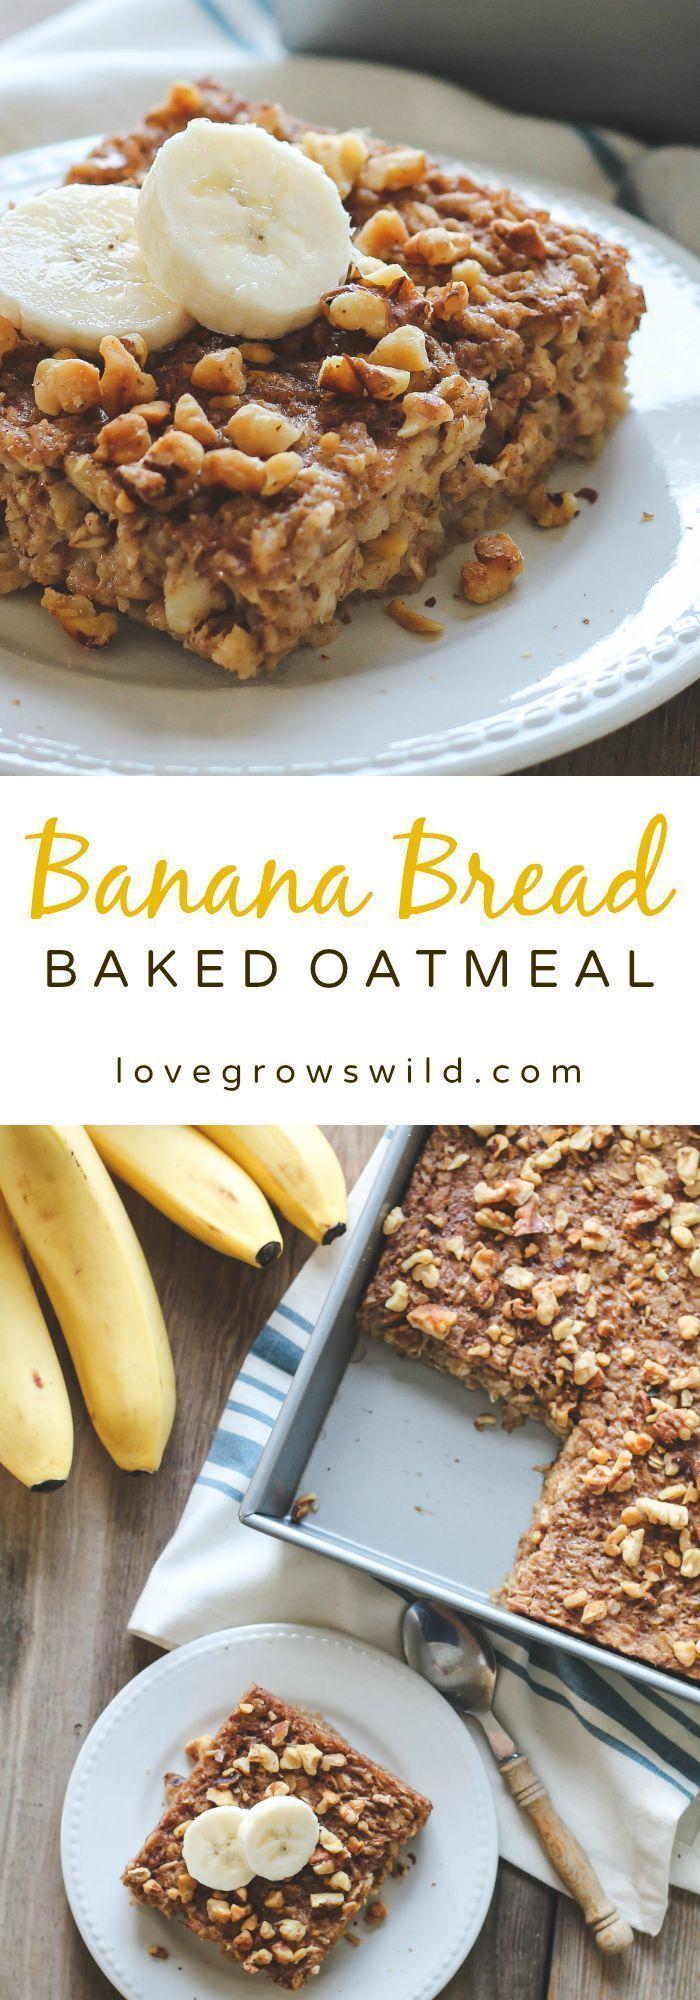 Banana Bread Baked Oatmeal Banana Bread Baked Oatmeal Gluten Free Recipes 1 slice gluten free bread calories